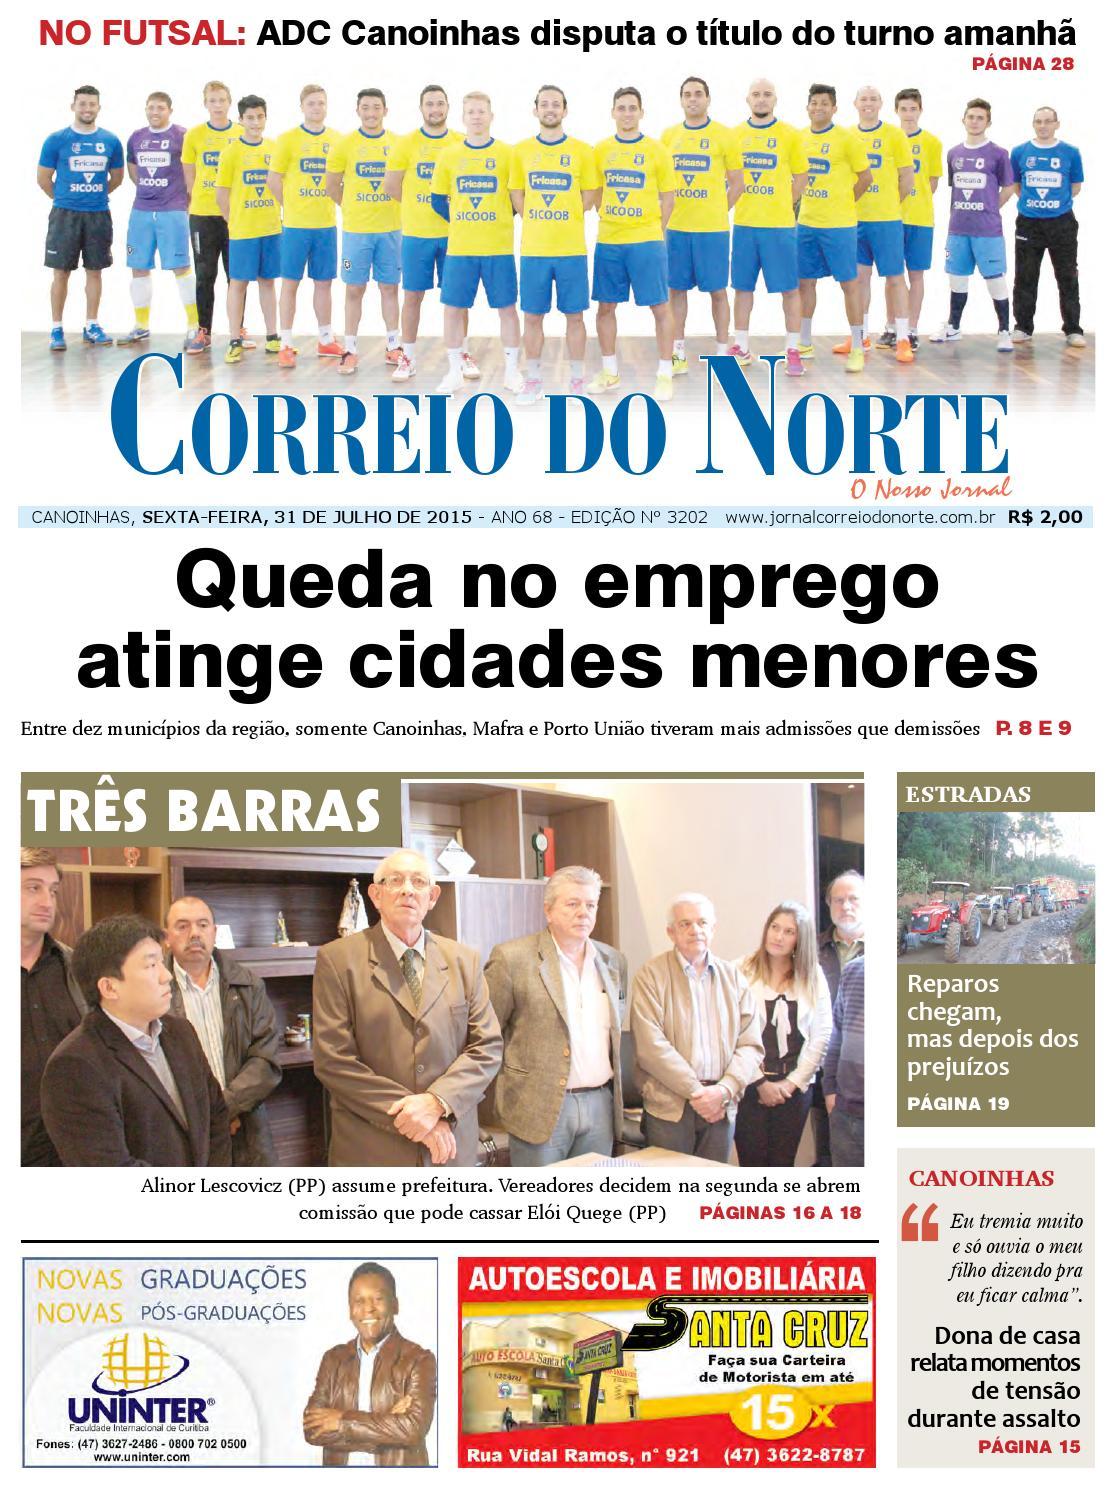 Edição 3202 by Jornal Correio do Norte - issuu 62b6dbec42